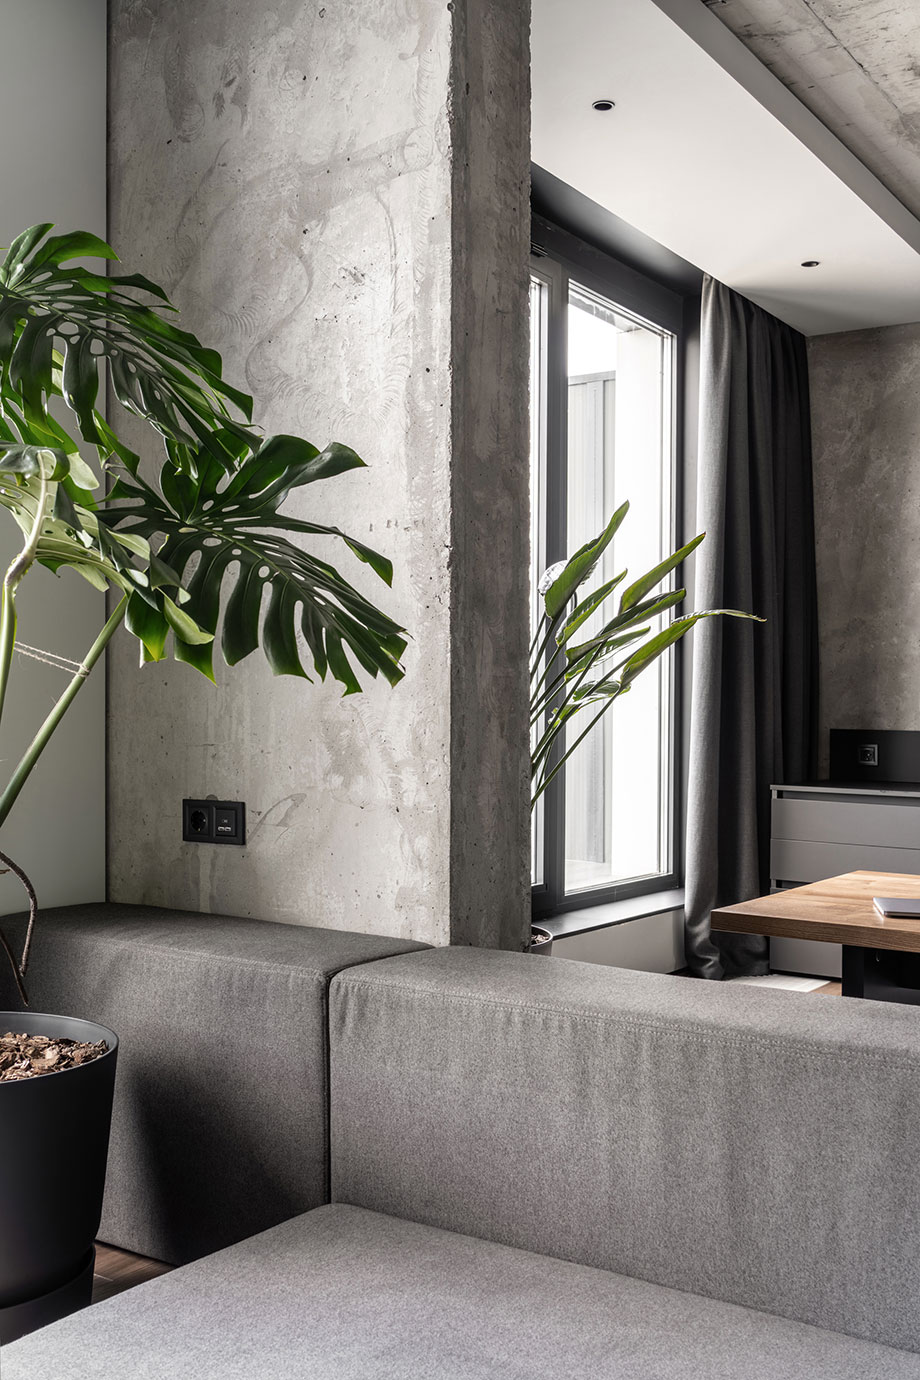 apartamento en kiev de fild (7) - foto andrey bezuglov